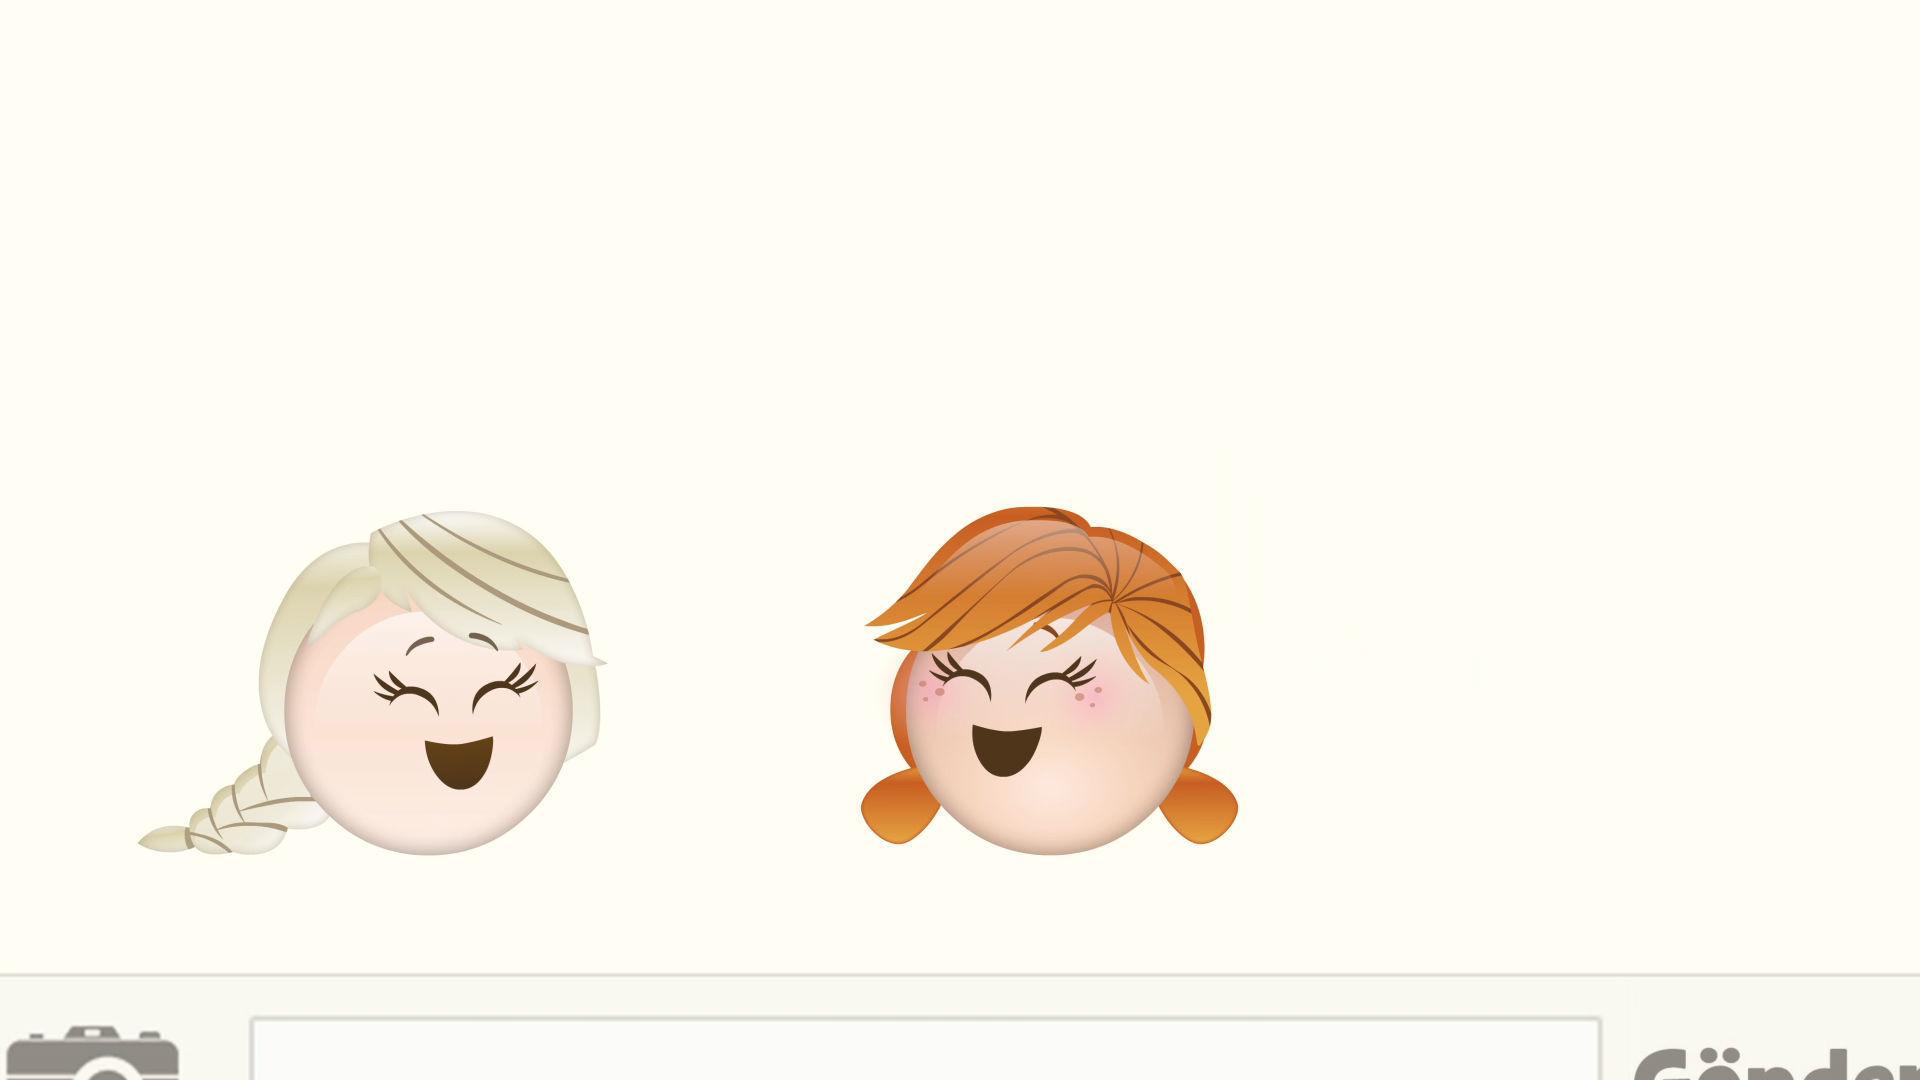 Karlar Ülkesi Emoji'nin Anlatımıyla